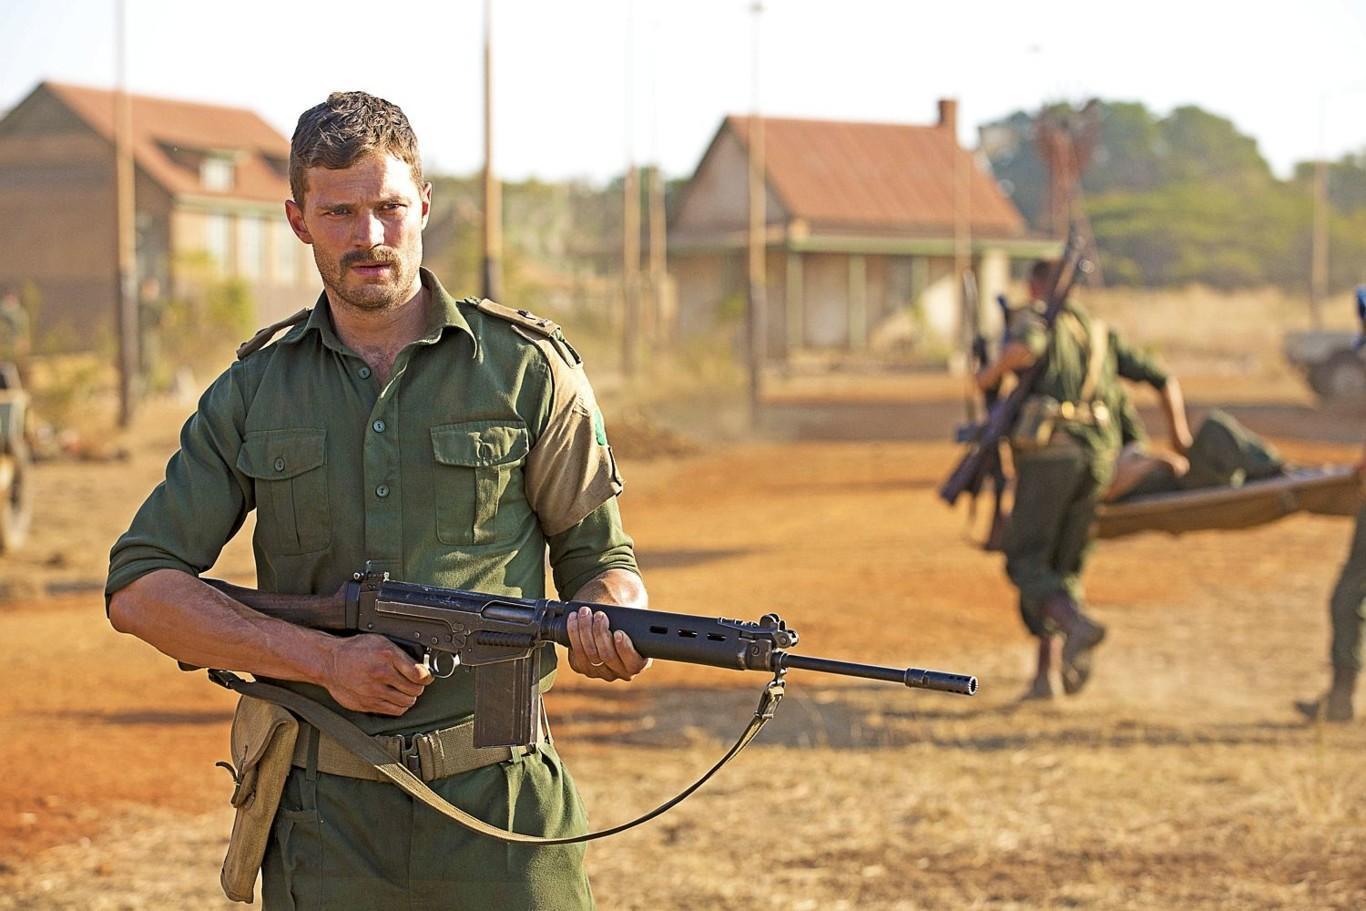 در ادامه این مطلب قصد داریم شما را با 10 فیلم جنگی دیدنی در مورد برخی از درگیری ها و جنگ های کمتر شناخته شده آشنا کنیم.